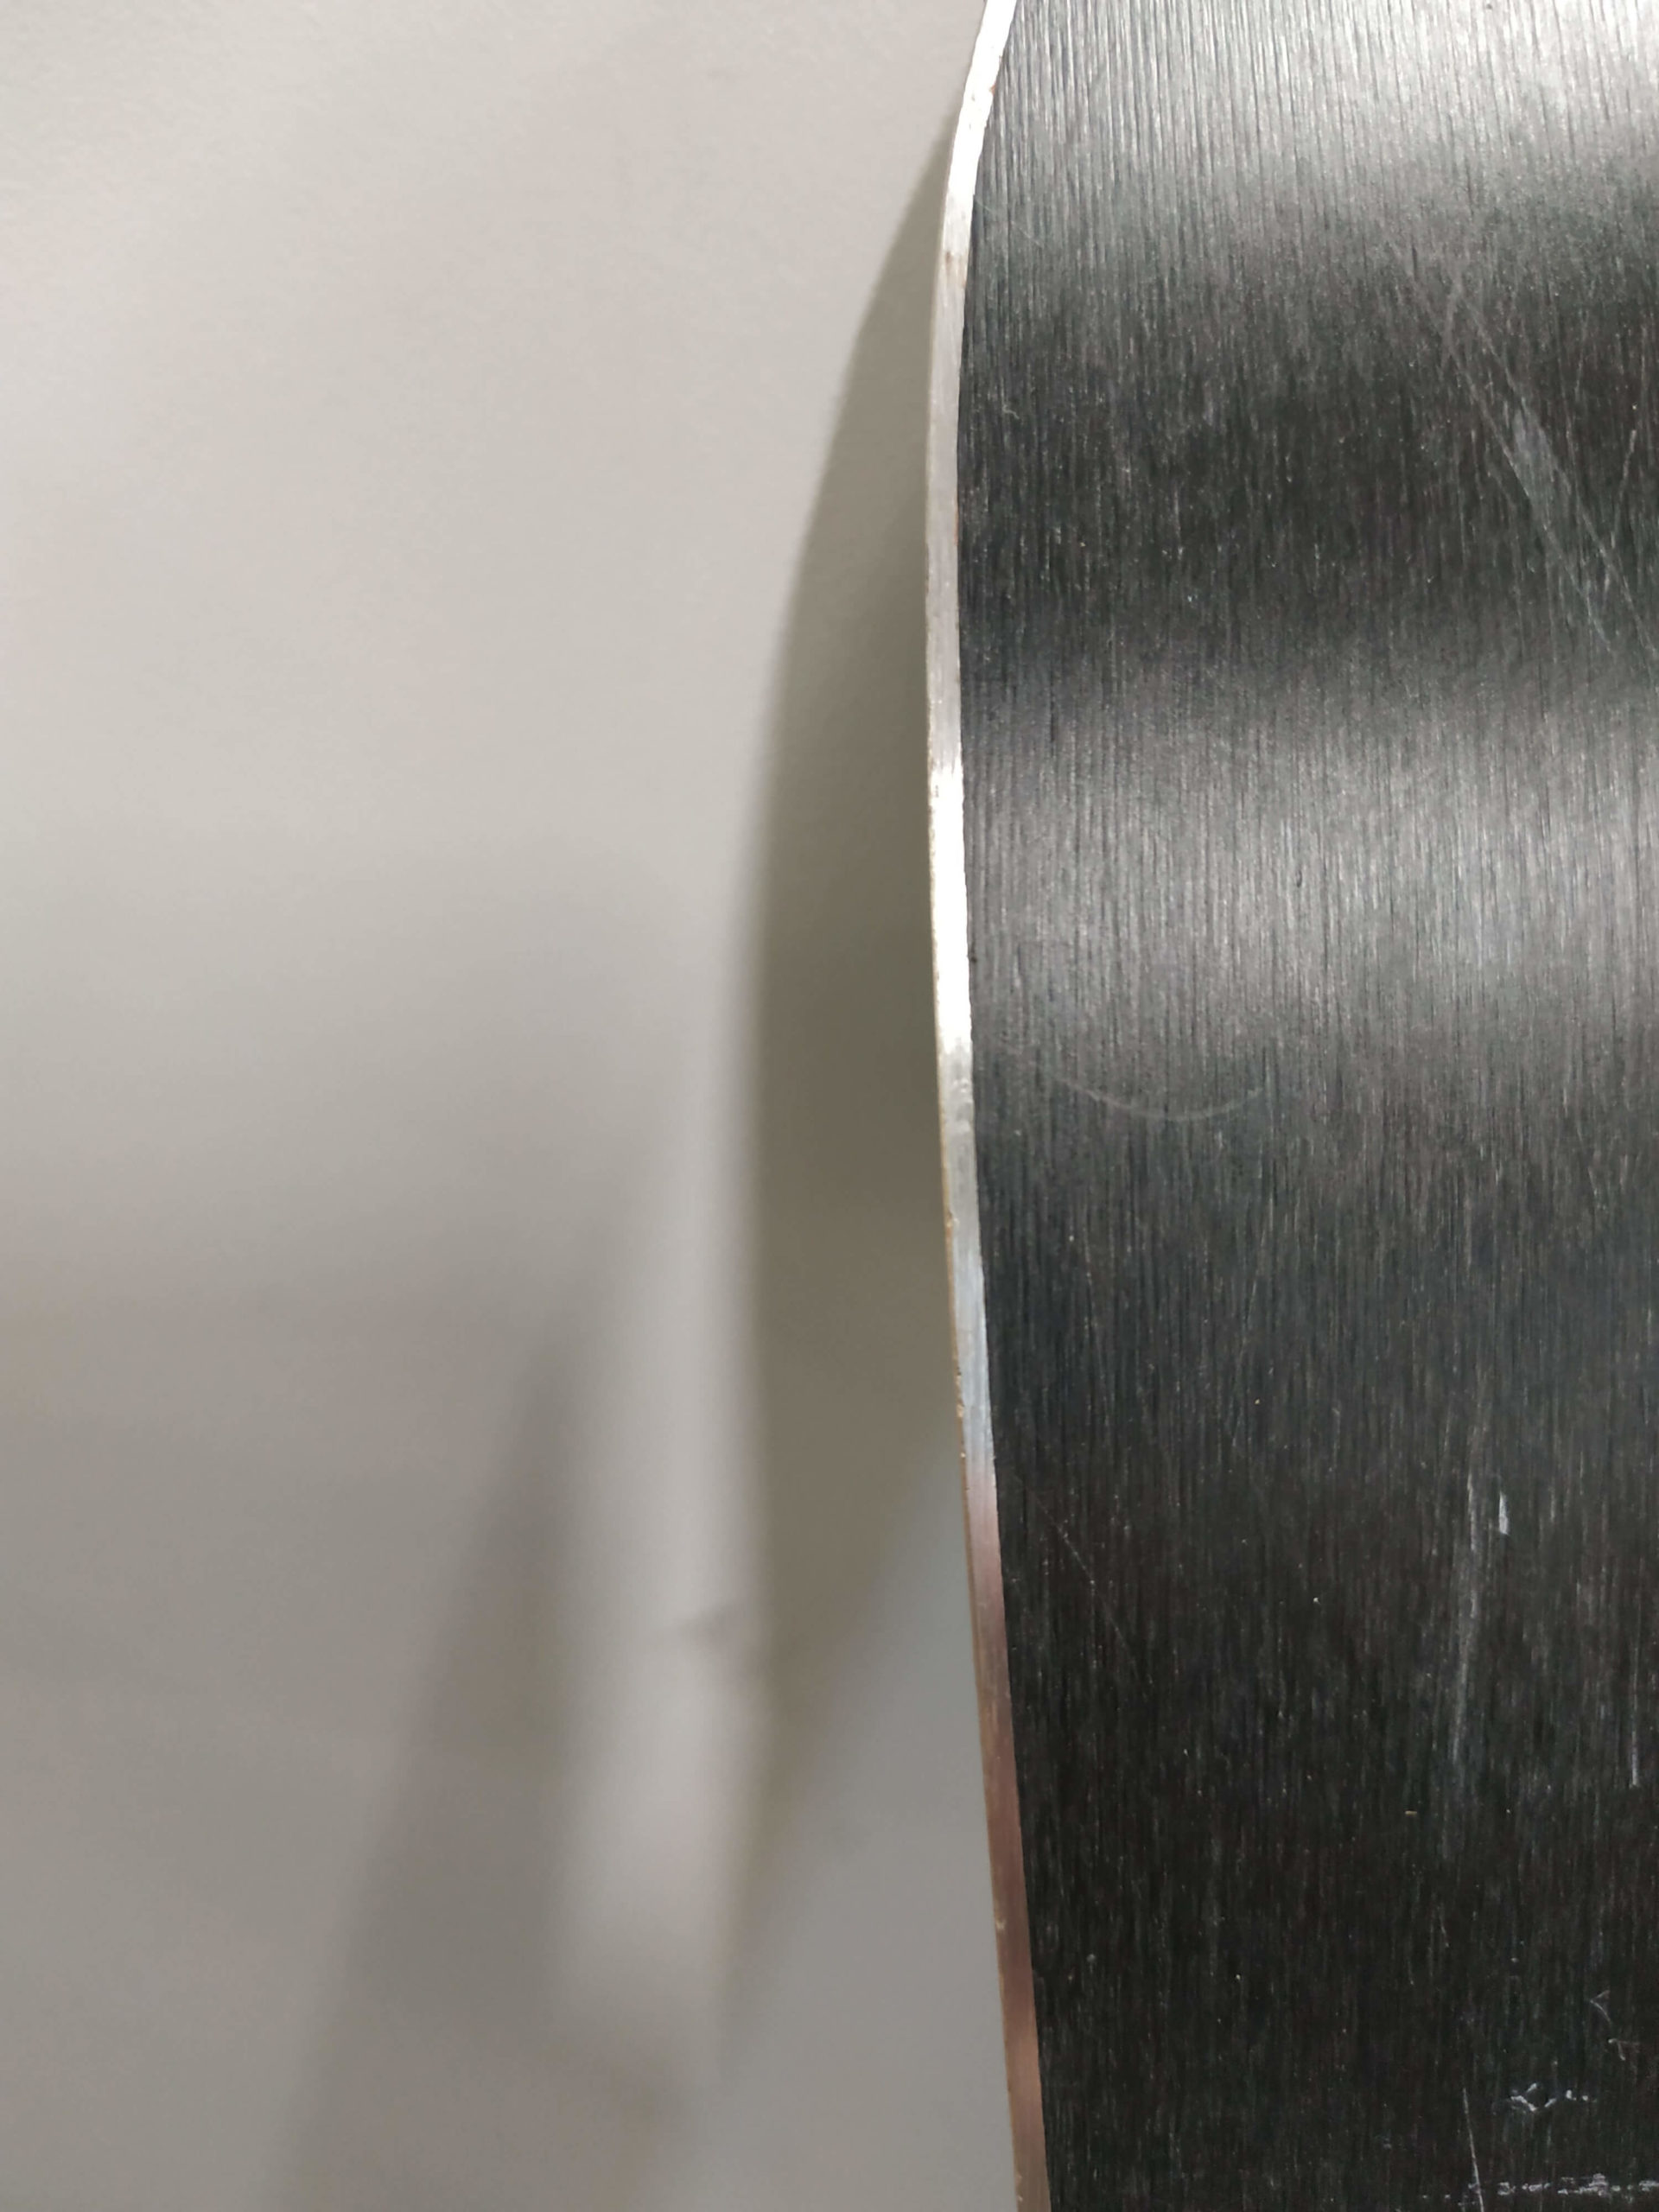 21. Atomic Balanze Bend X 141 R11 (7)